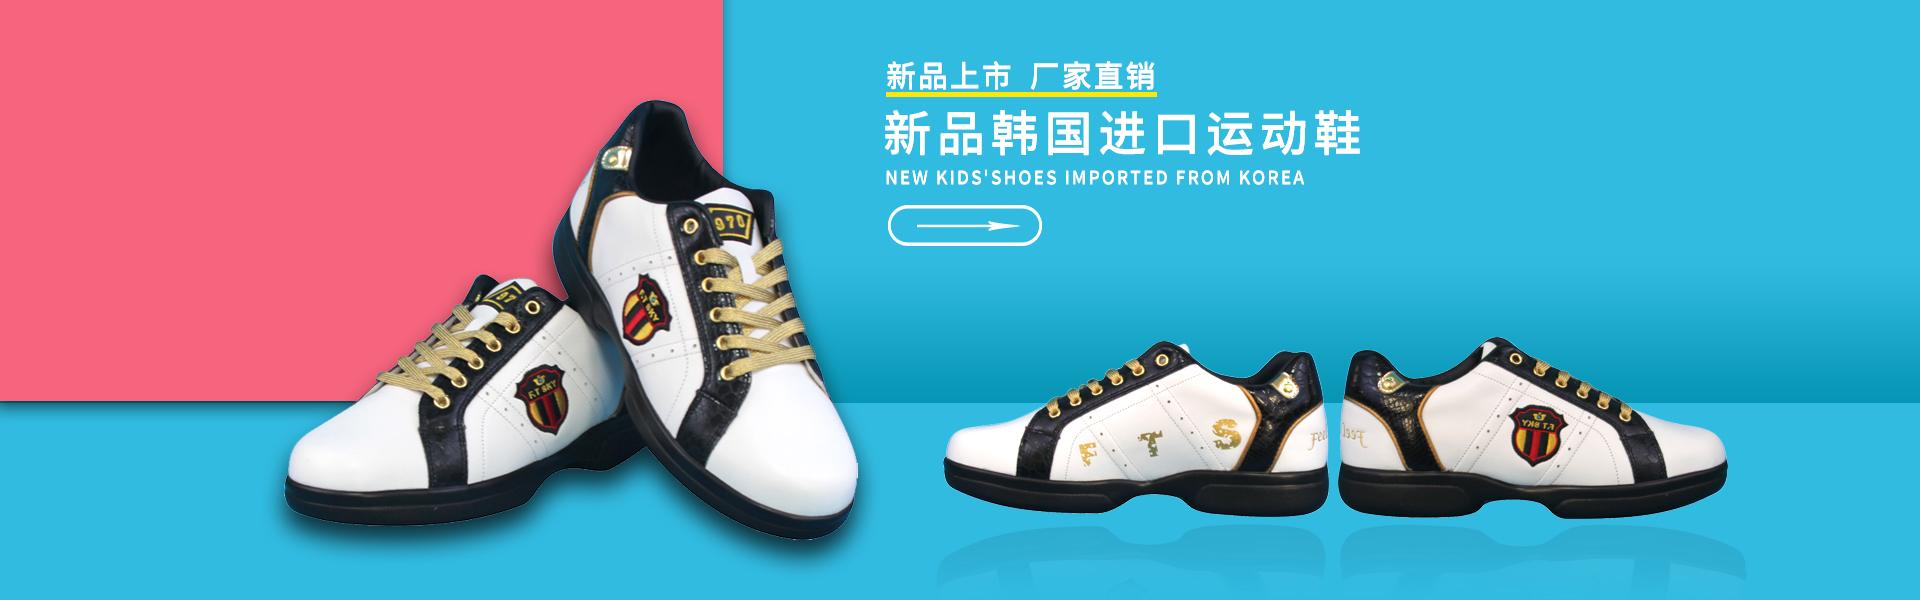 进口休闲运动鞋